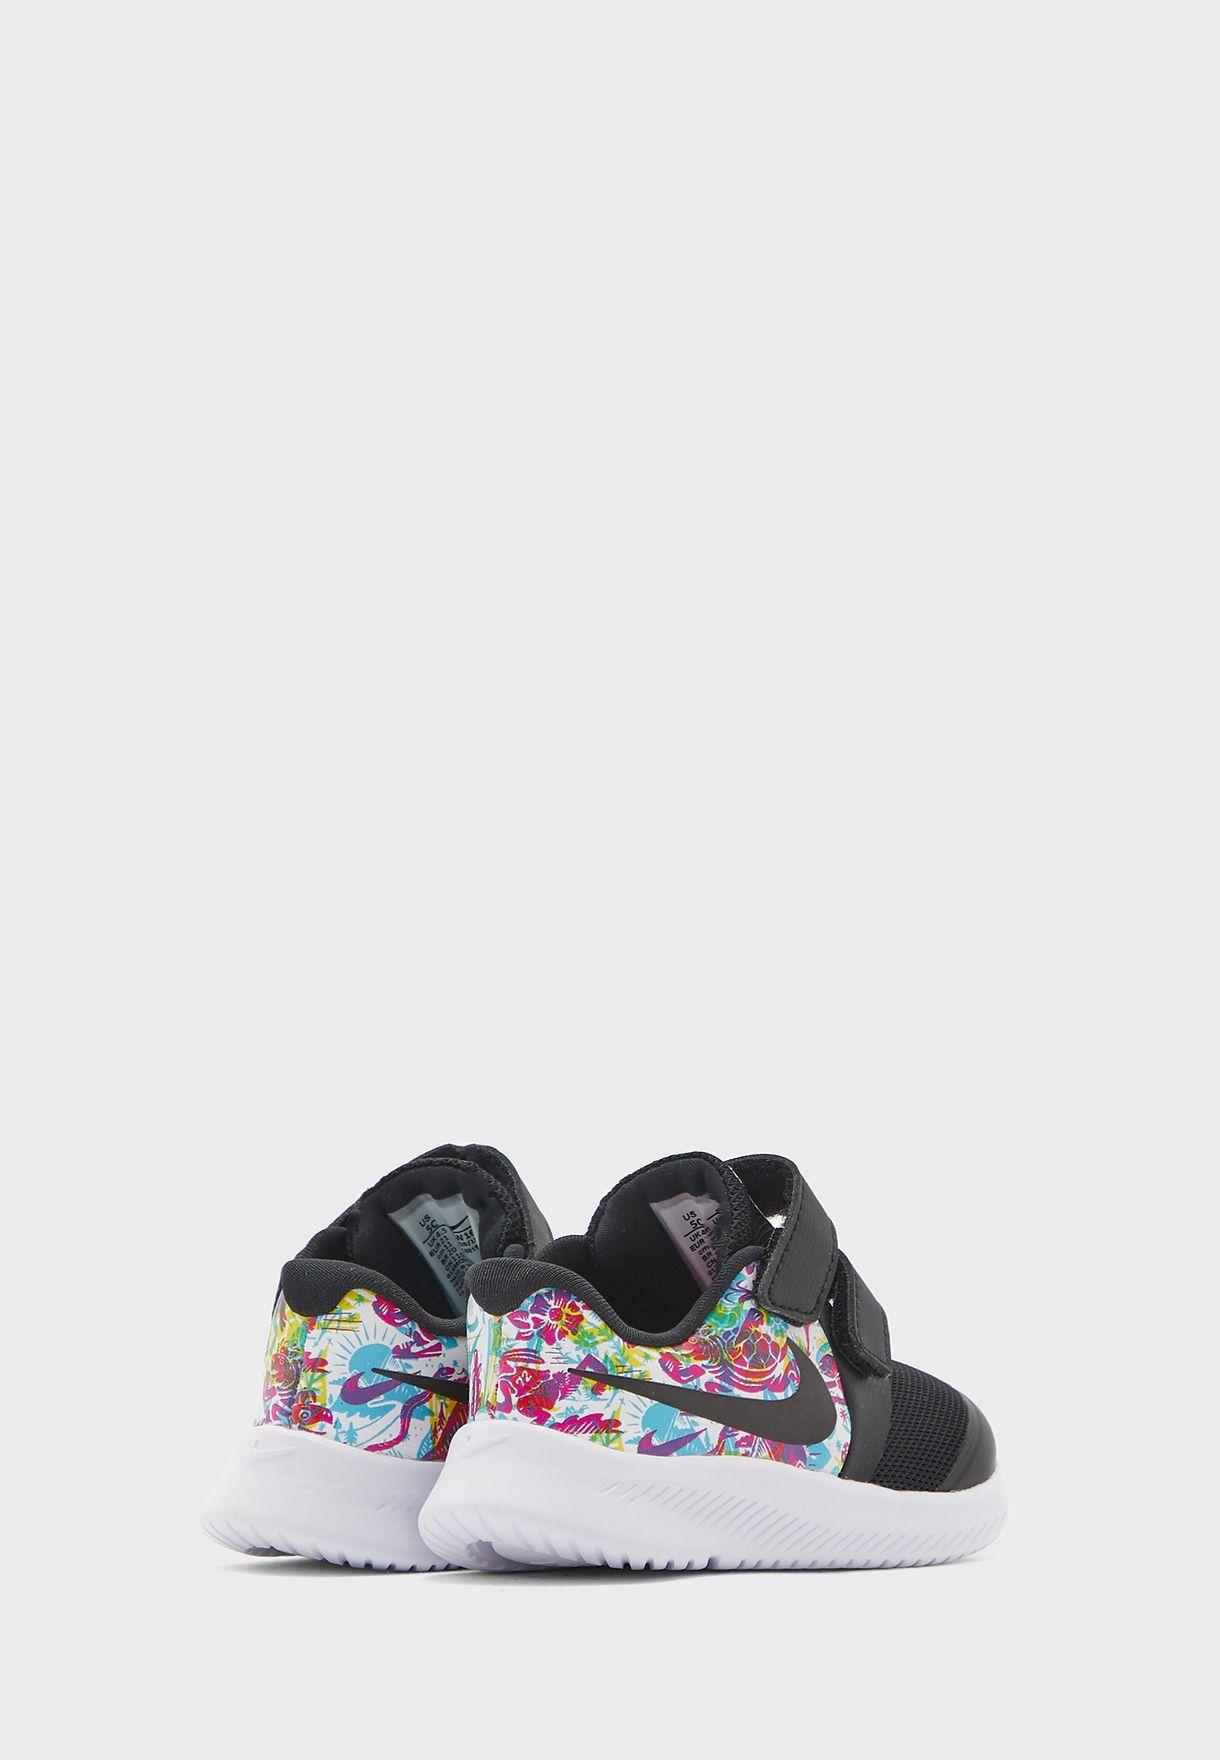 حذاء ستار رنر 2 فابل للبيبي